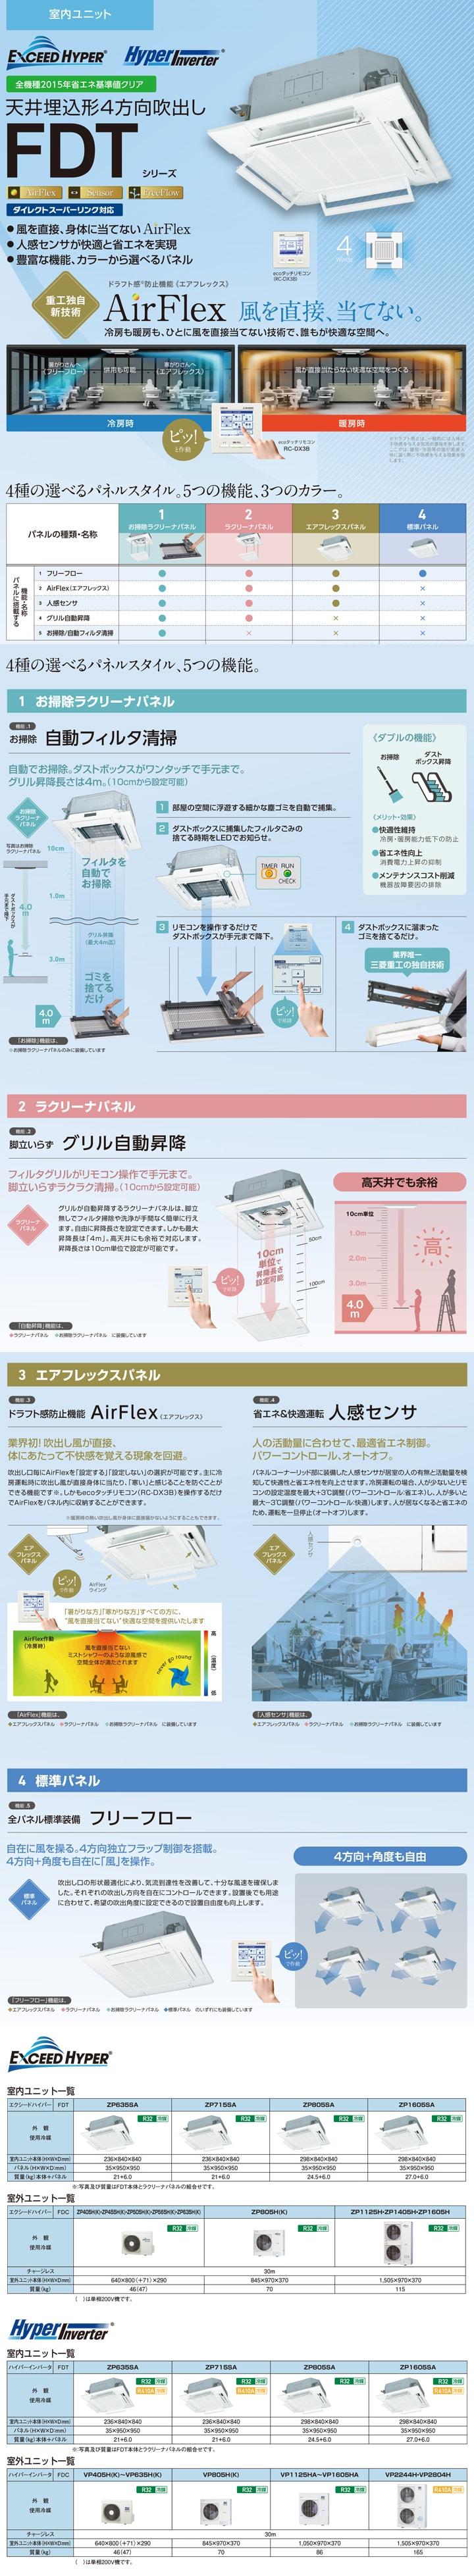 三菱重工 FDTZ805HKP5SA-airflex 業務用エアコン